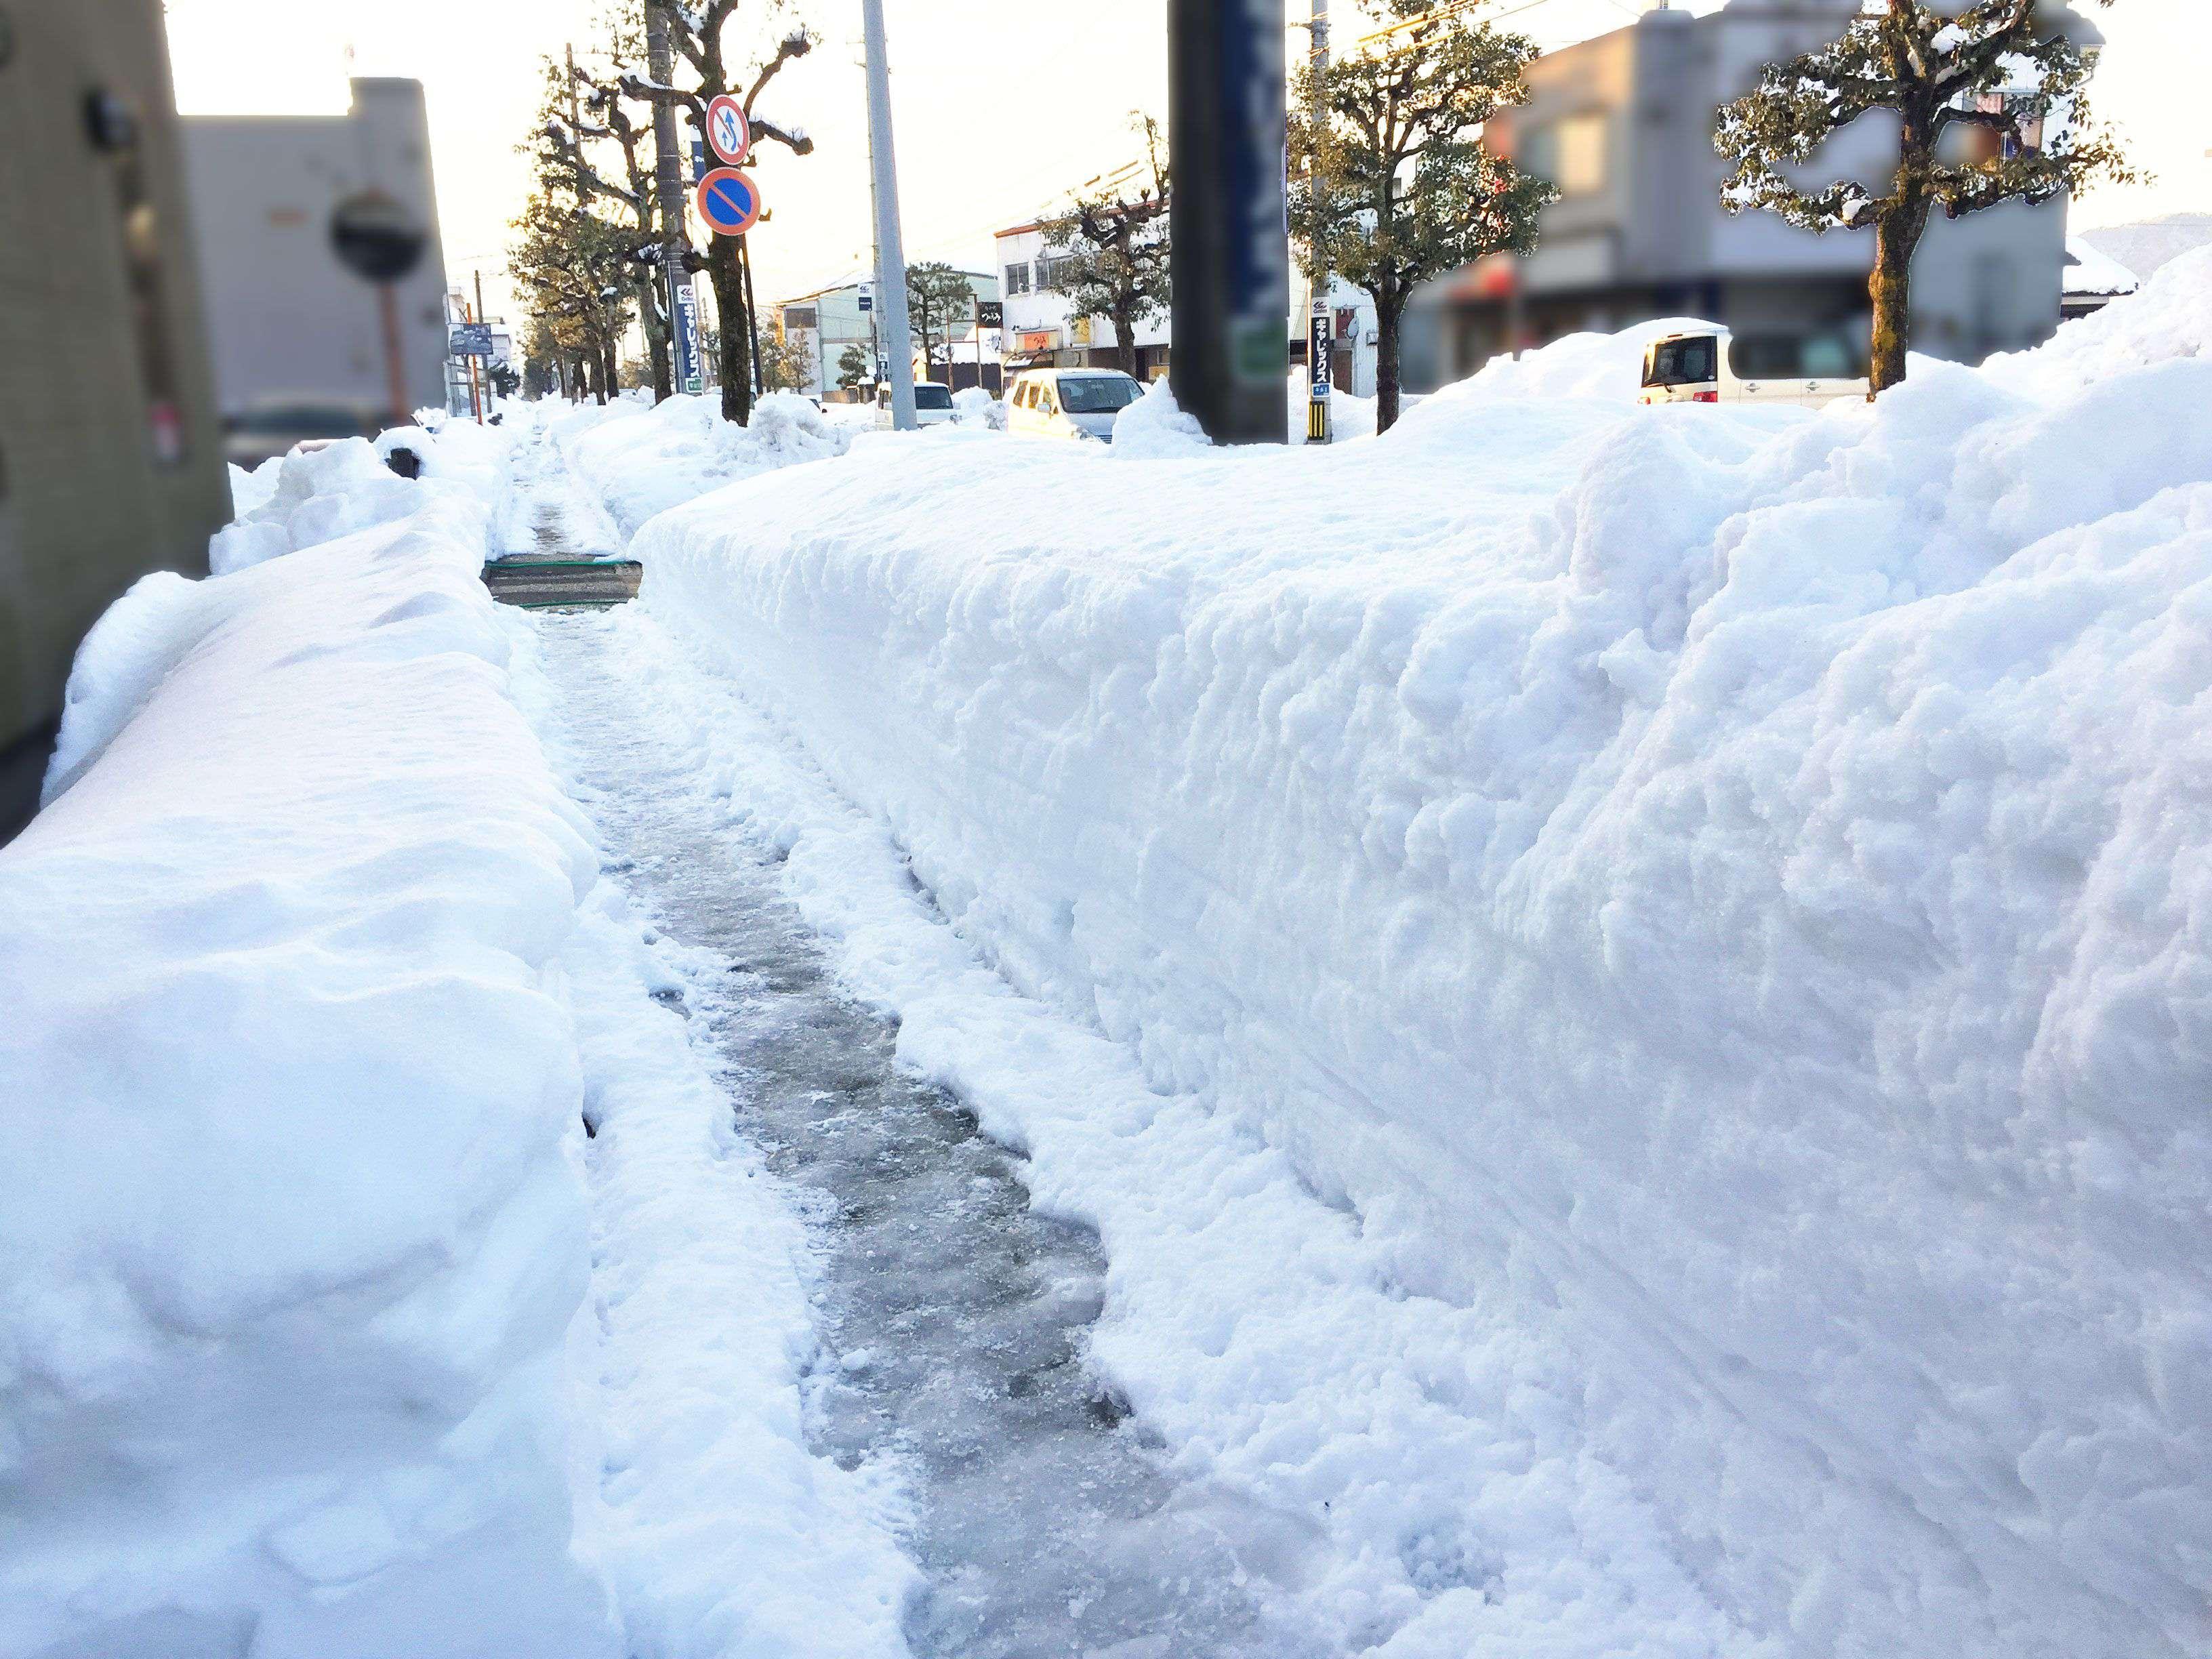 20180226_福井県大雪寒波第4弾久しぶりに小さい頃の大雪を思い出したひと時<br /><br />車はスリップするし、子供は道歩けないし<br /><br />除雪車はフル稼働だけど間に合わない・・・。<br /><br />(通学路)_04